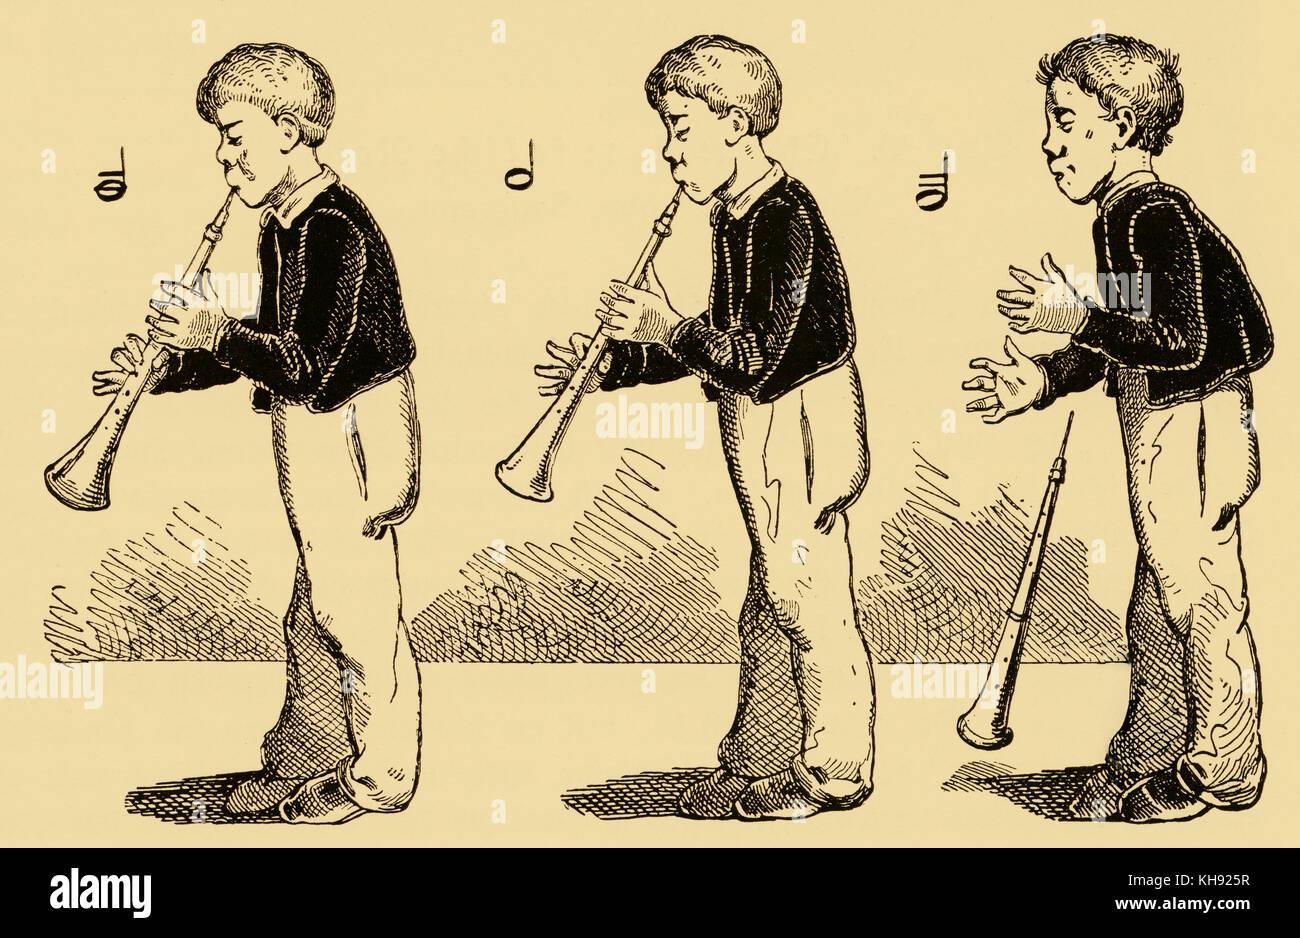 """""""Clarinetto school' ('klarinetten schule') - caricatura pubblicato in düsseldorfer monatsheften, Immagini Stock"""